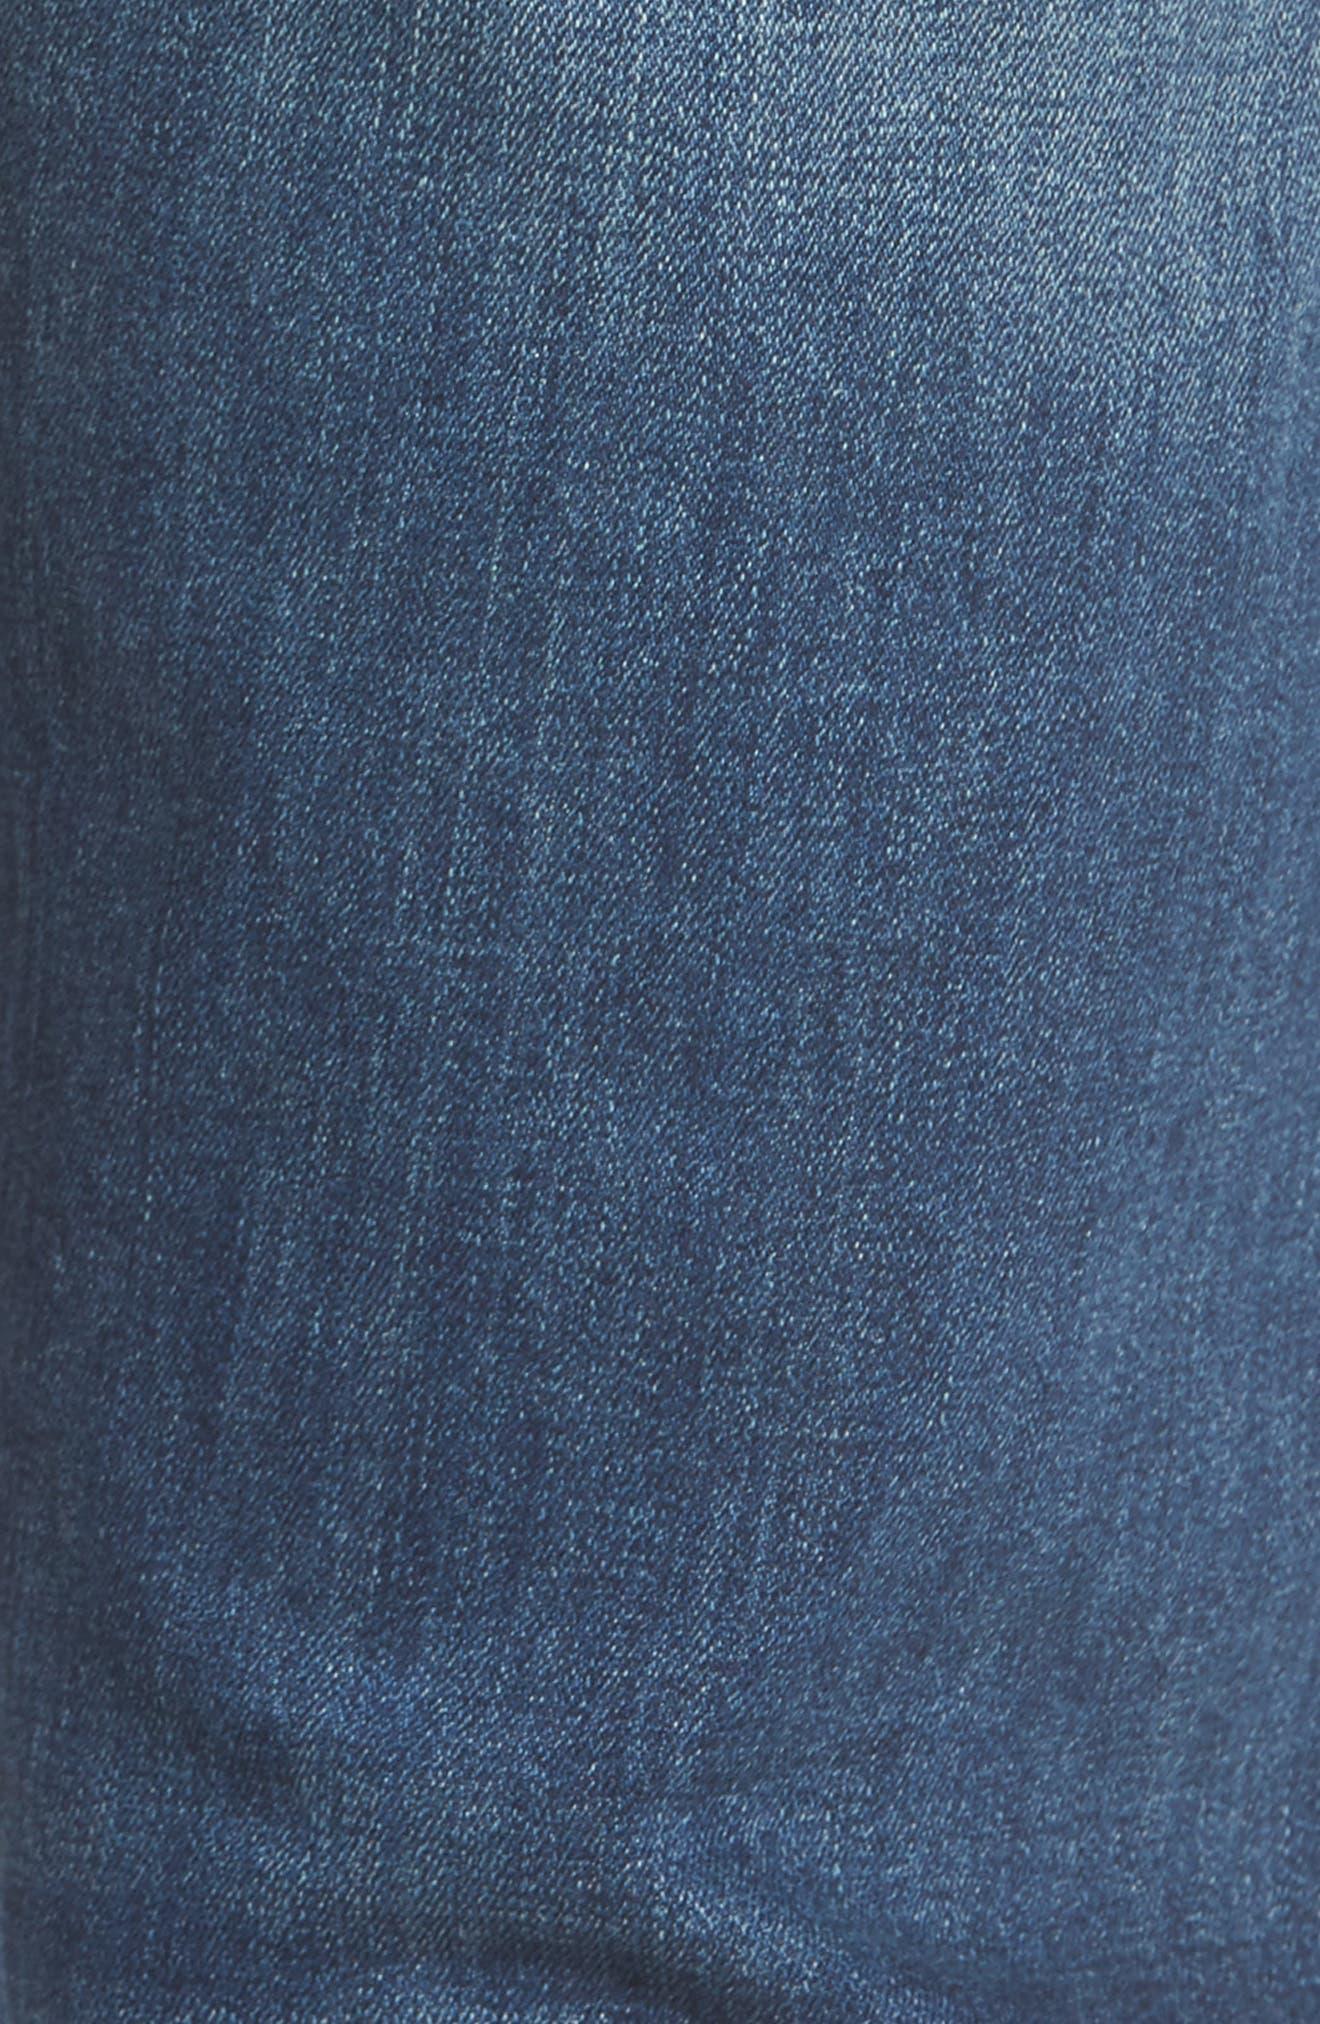 Avery Slim Straight Leg Jeans,                             Alternate thumbnail 5, color,